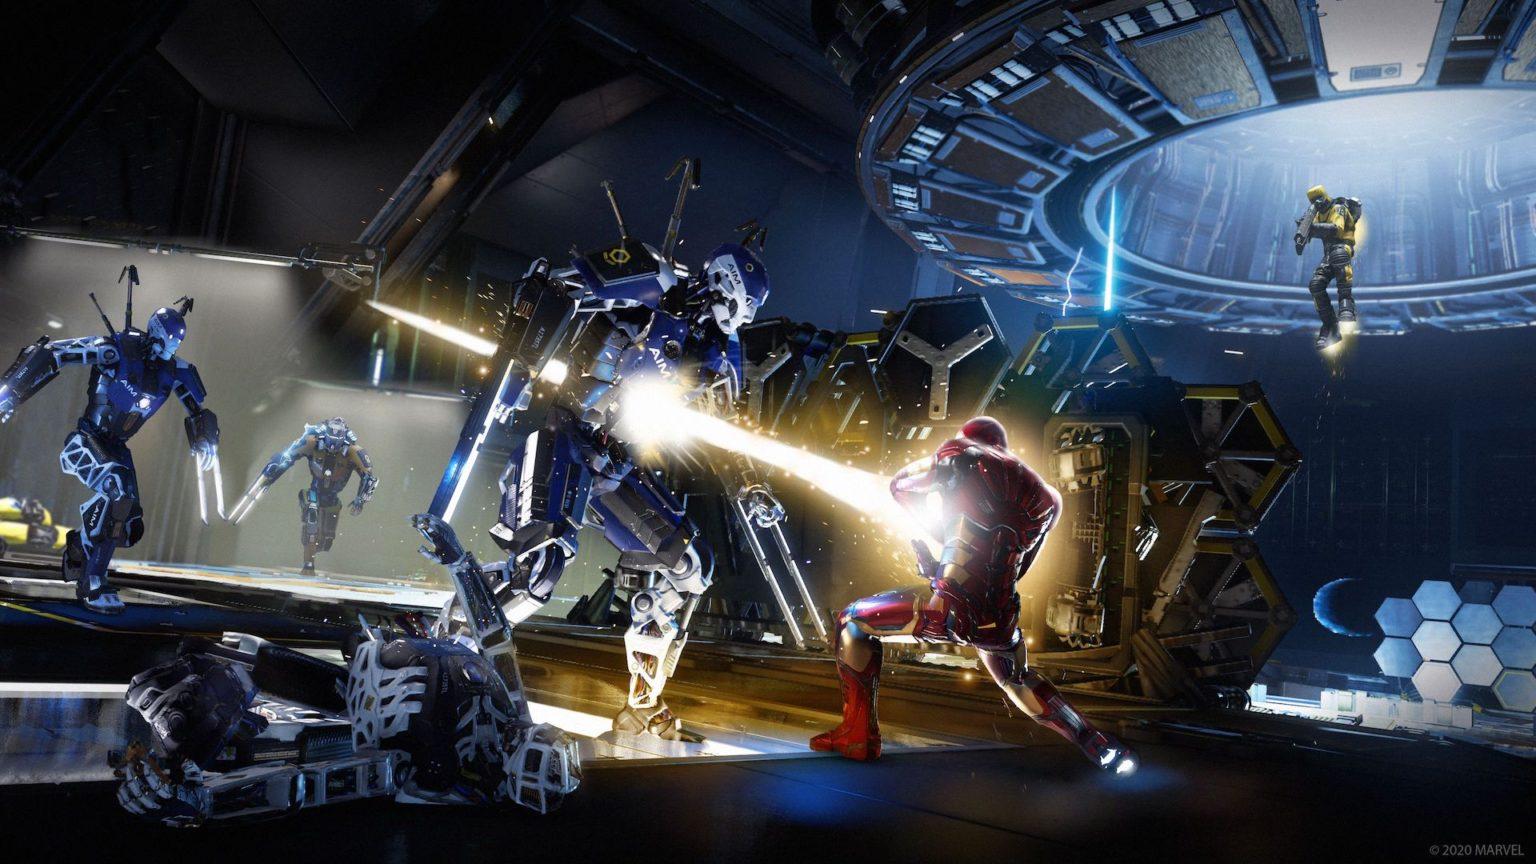 کریستال داینمیکس: بسته الحاقی Spider-Man بازی Marvel's Avengers برای انتشار در سال ۲۰۲۱ برنامه ریزی شده است